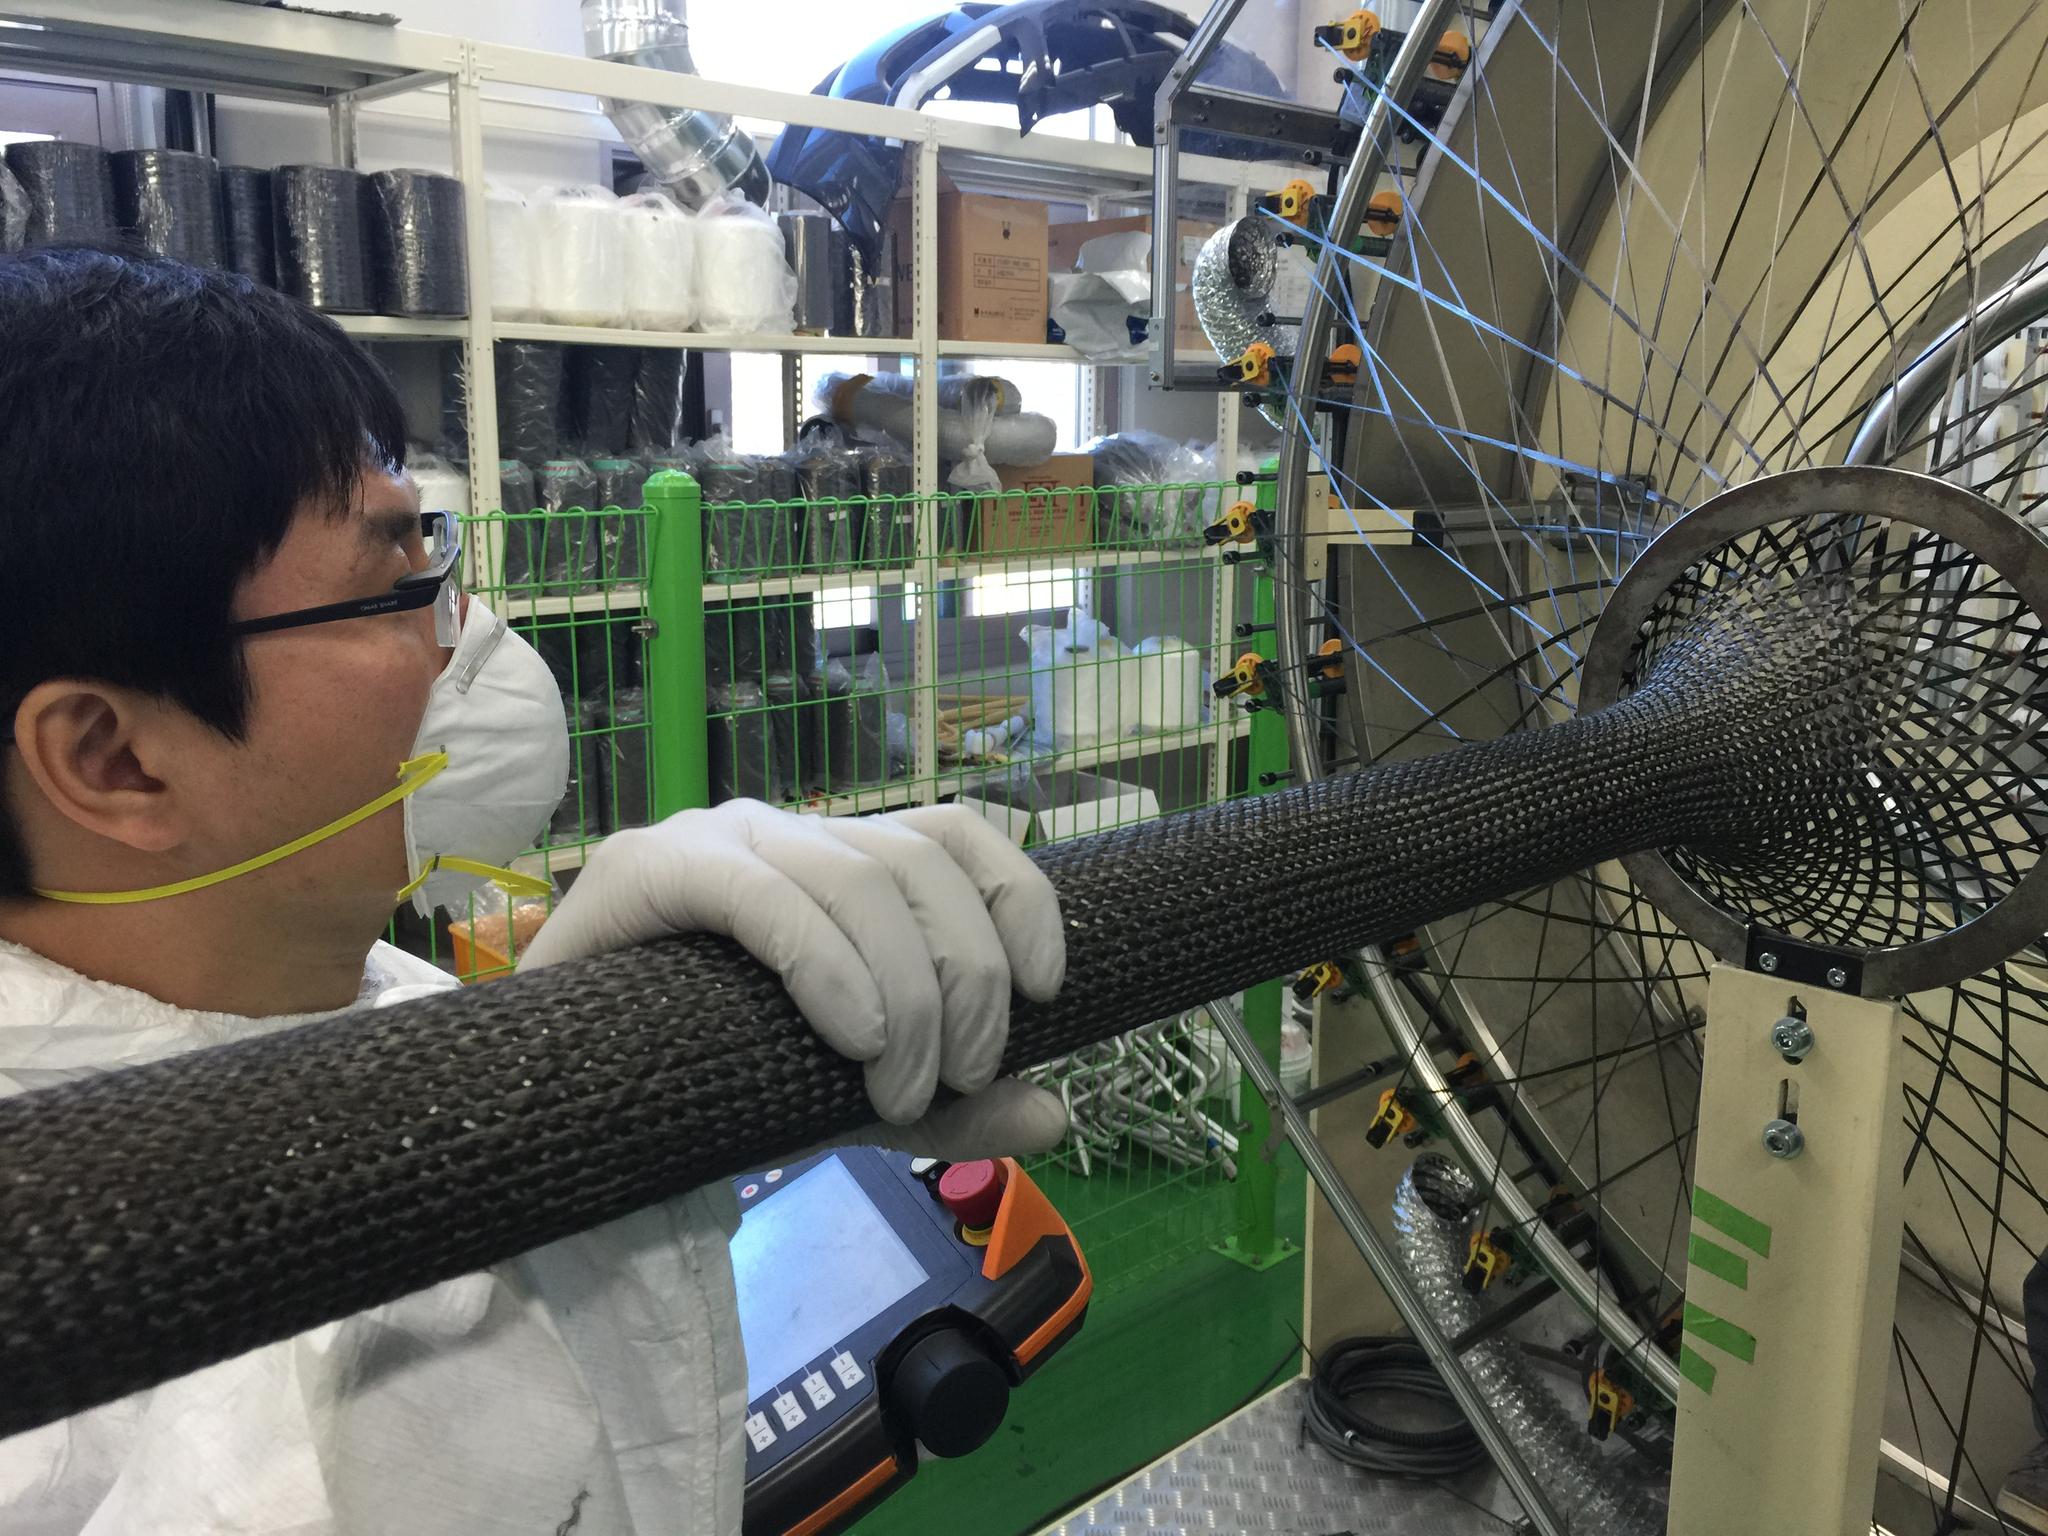 한국탄소융합기술원 연구원이 브레이딩 장비를 통해 탄소섬유를 관(管)형으로 직조하고 있다. [사진 한국탄소융합기술원]